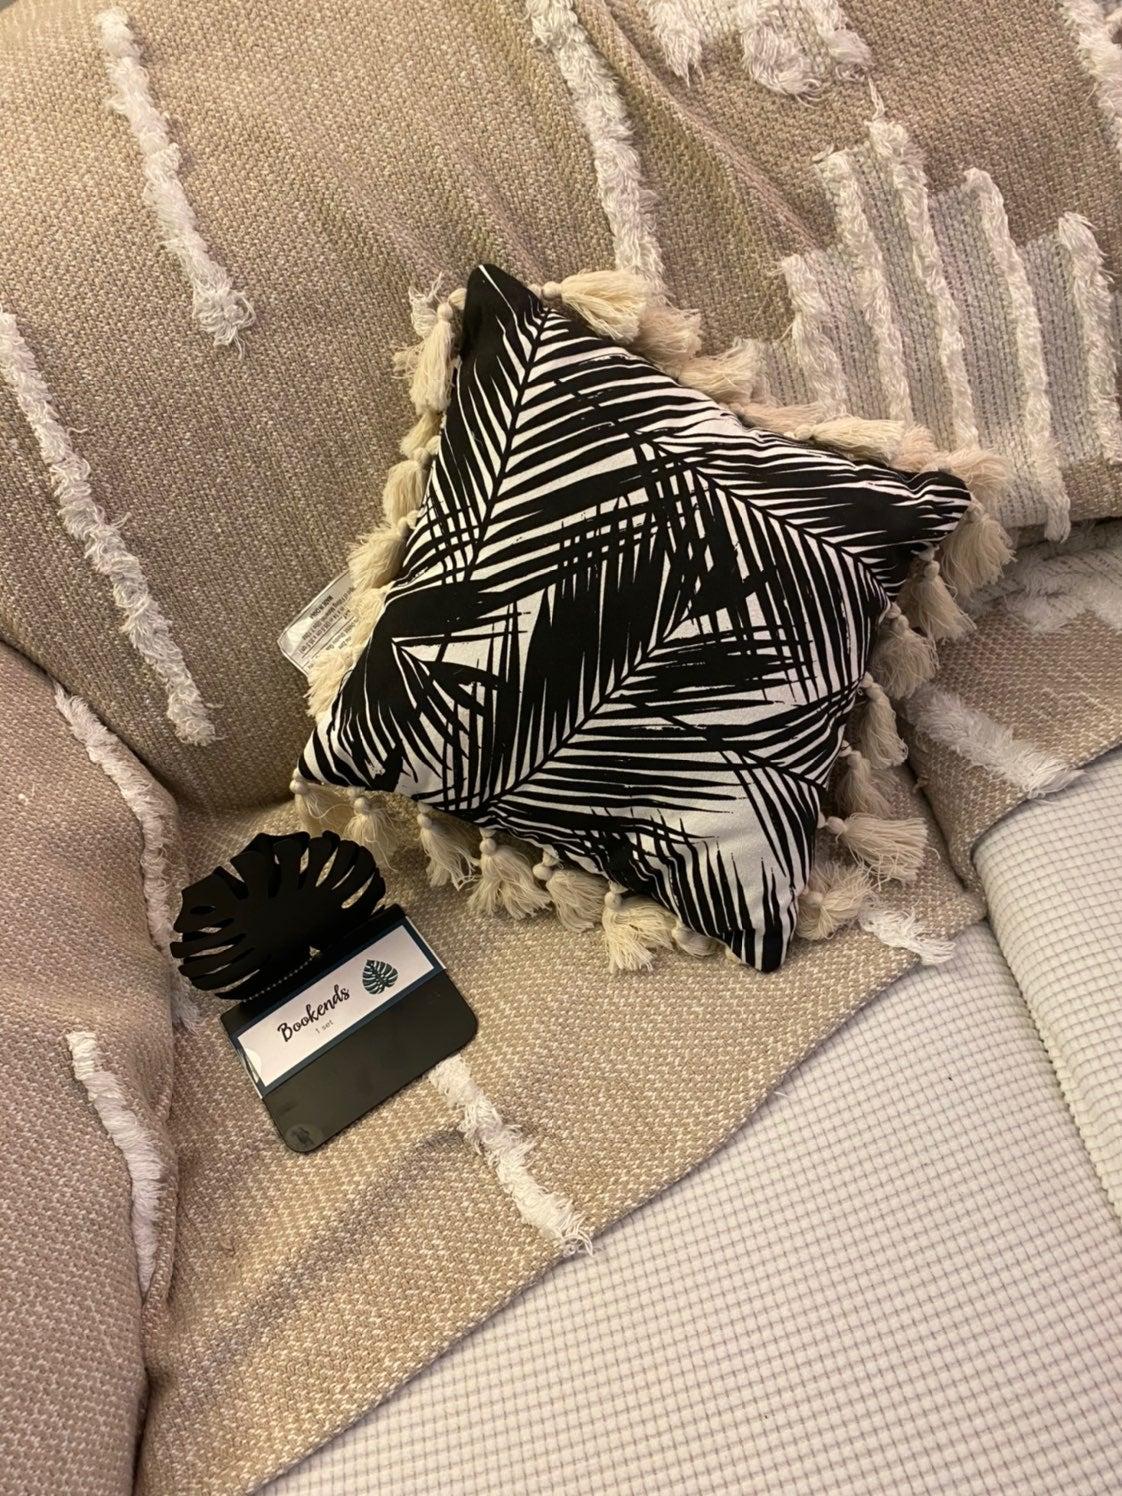 Matching pillow & book holder